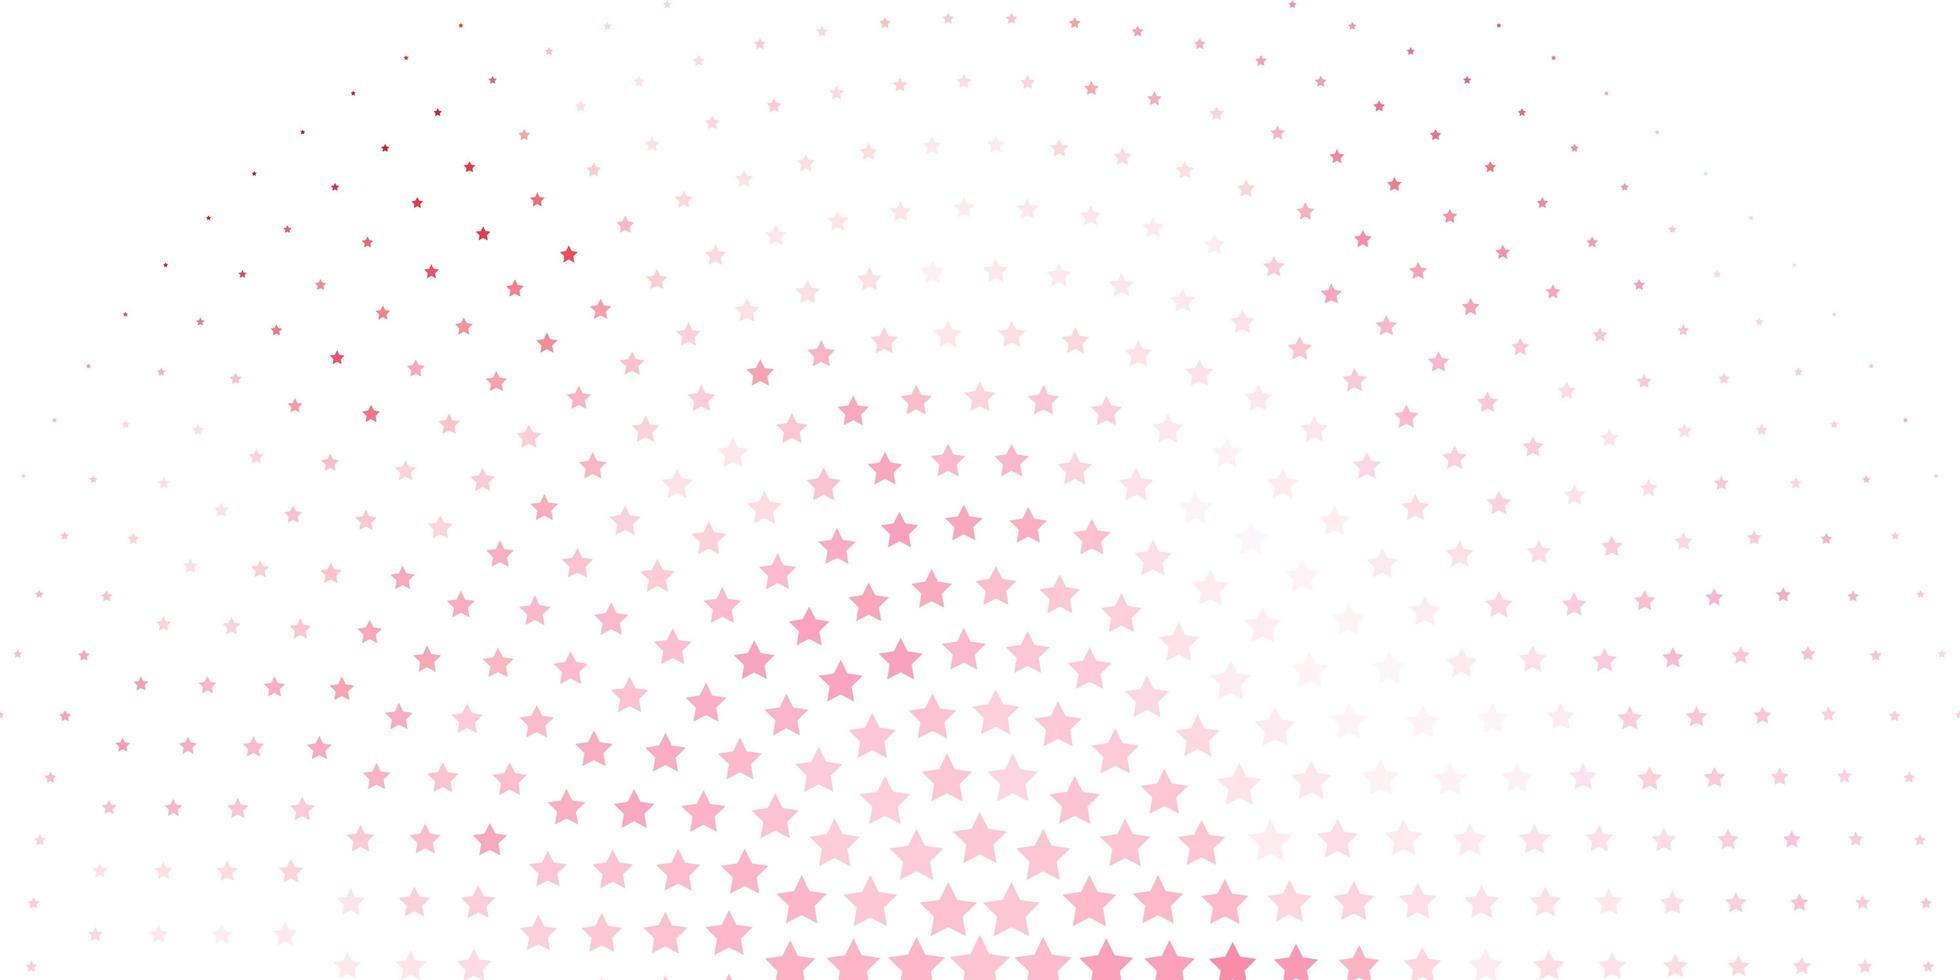 trama vettoriale rosso chiaro con bellissime stelle.